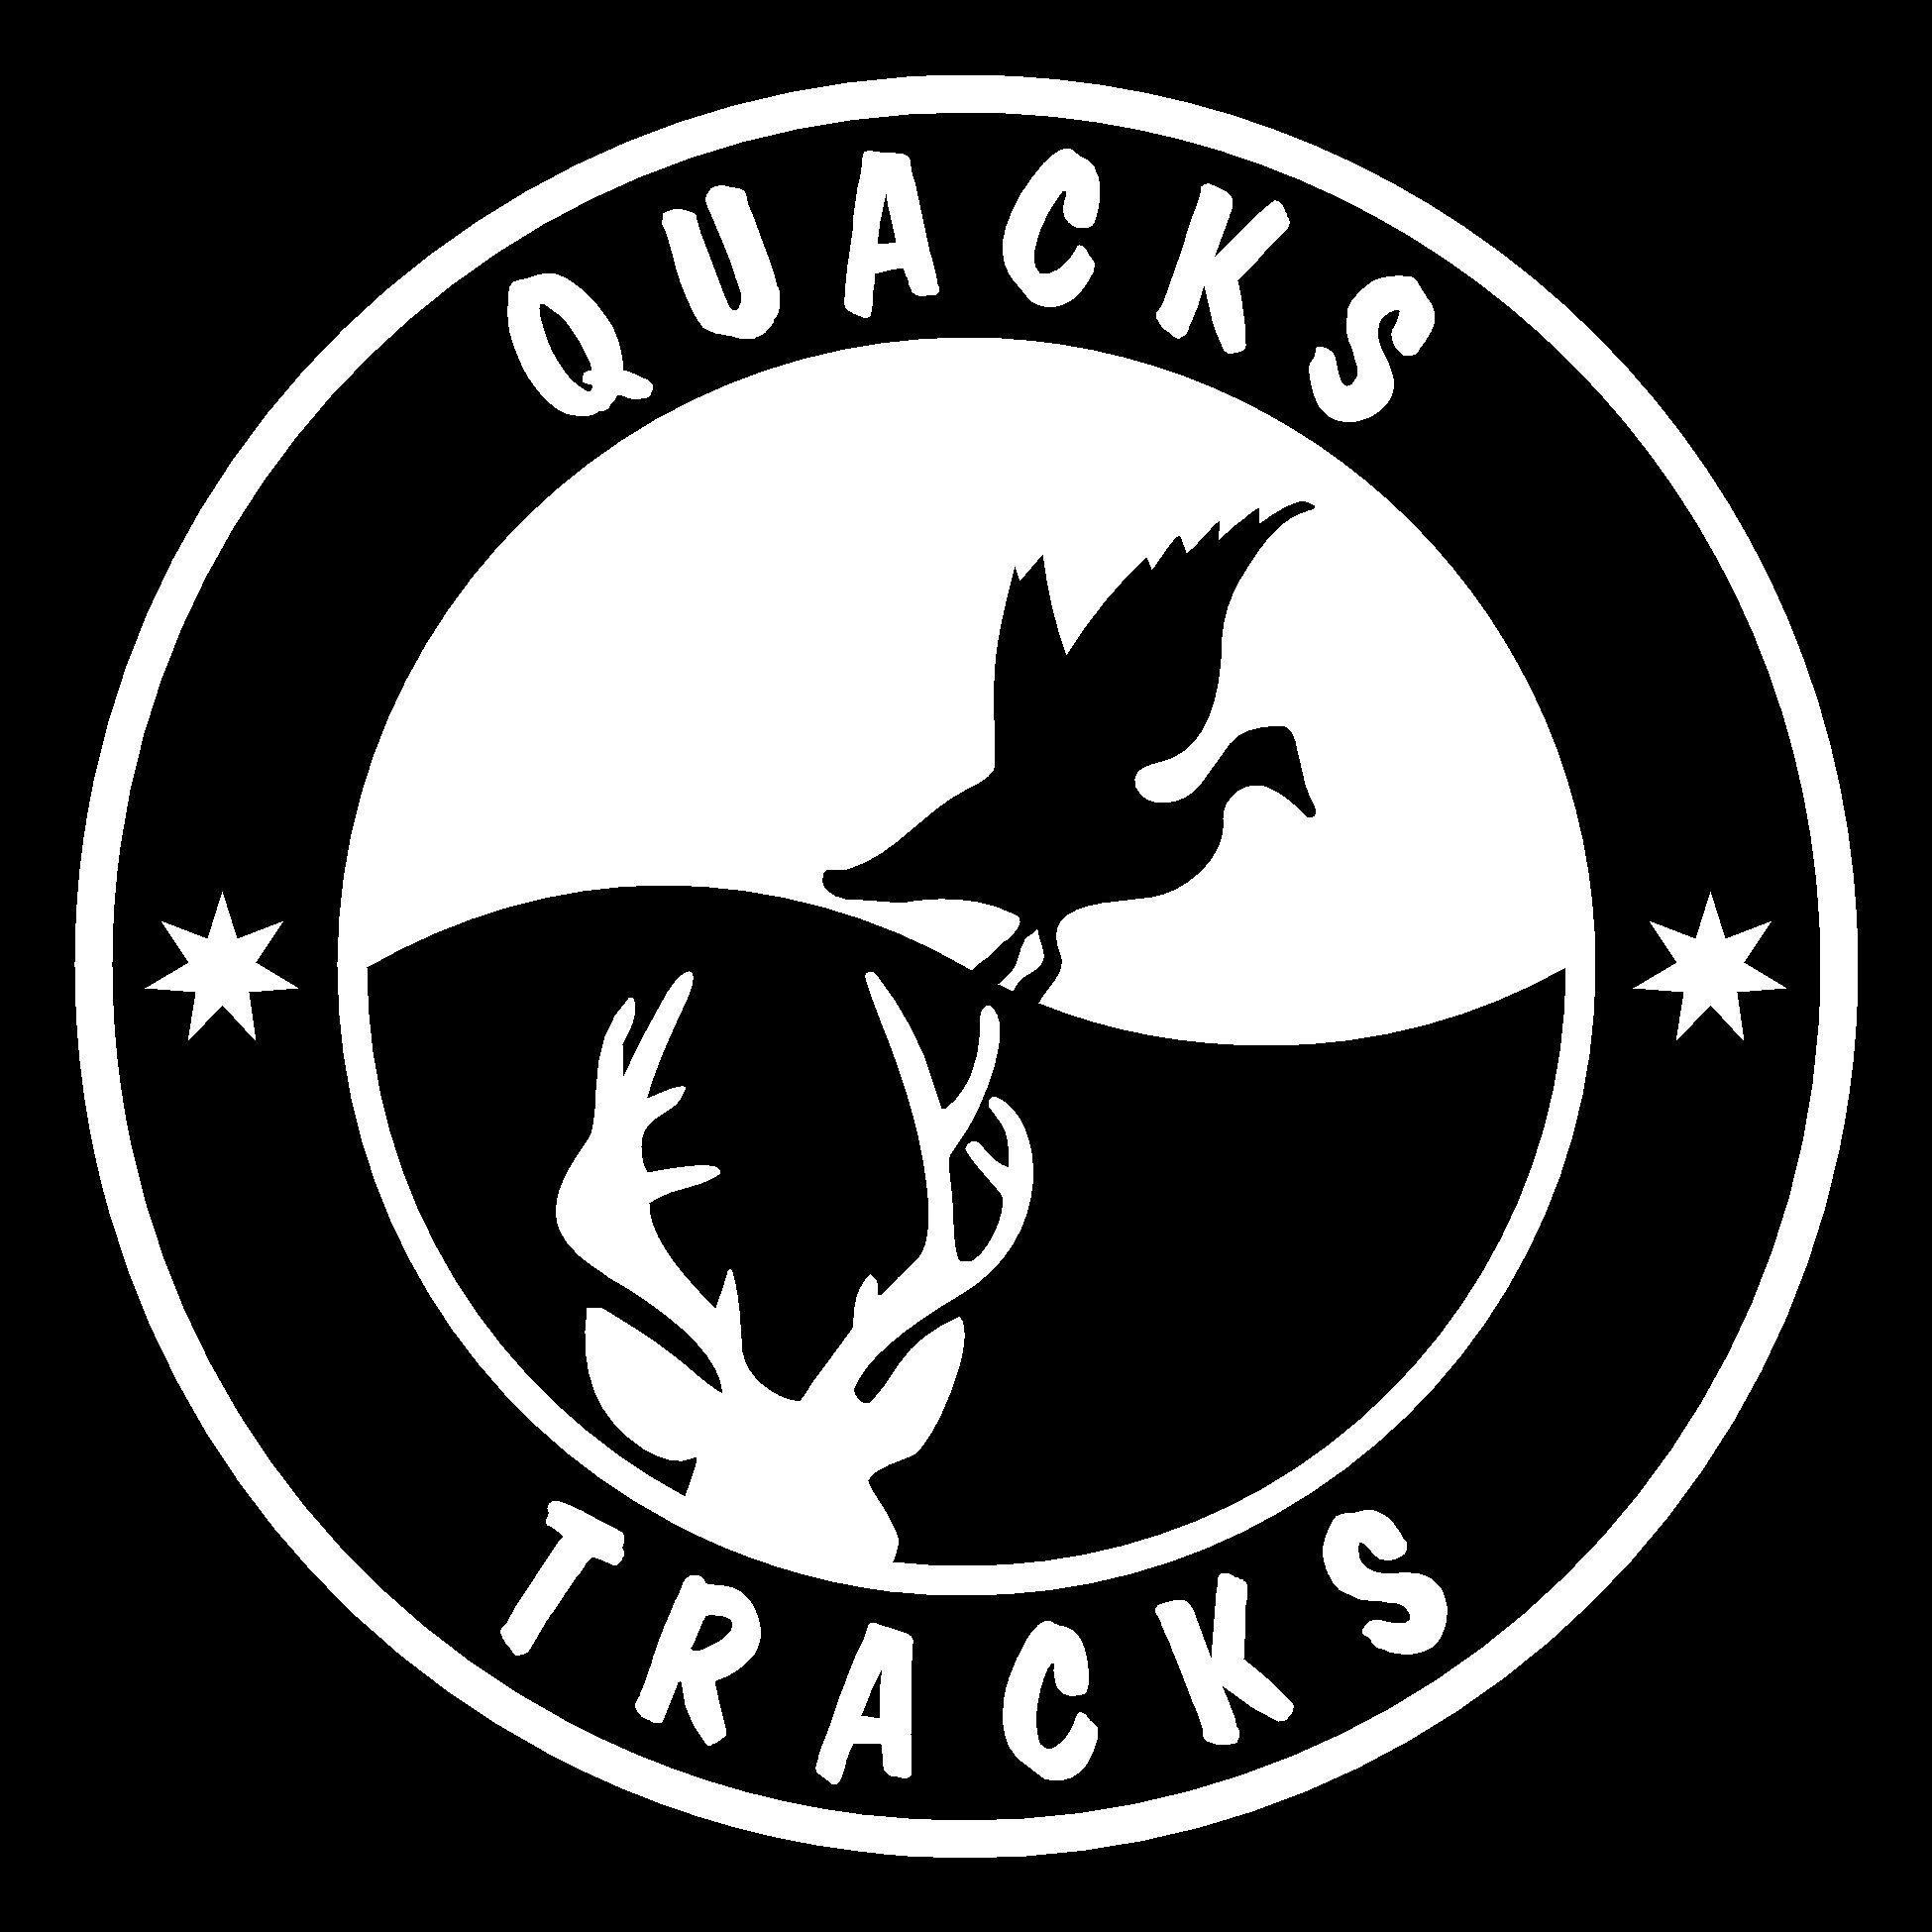 Deer hunting logos deer tracks vinyl hunting decal decals fishing